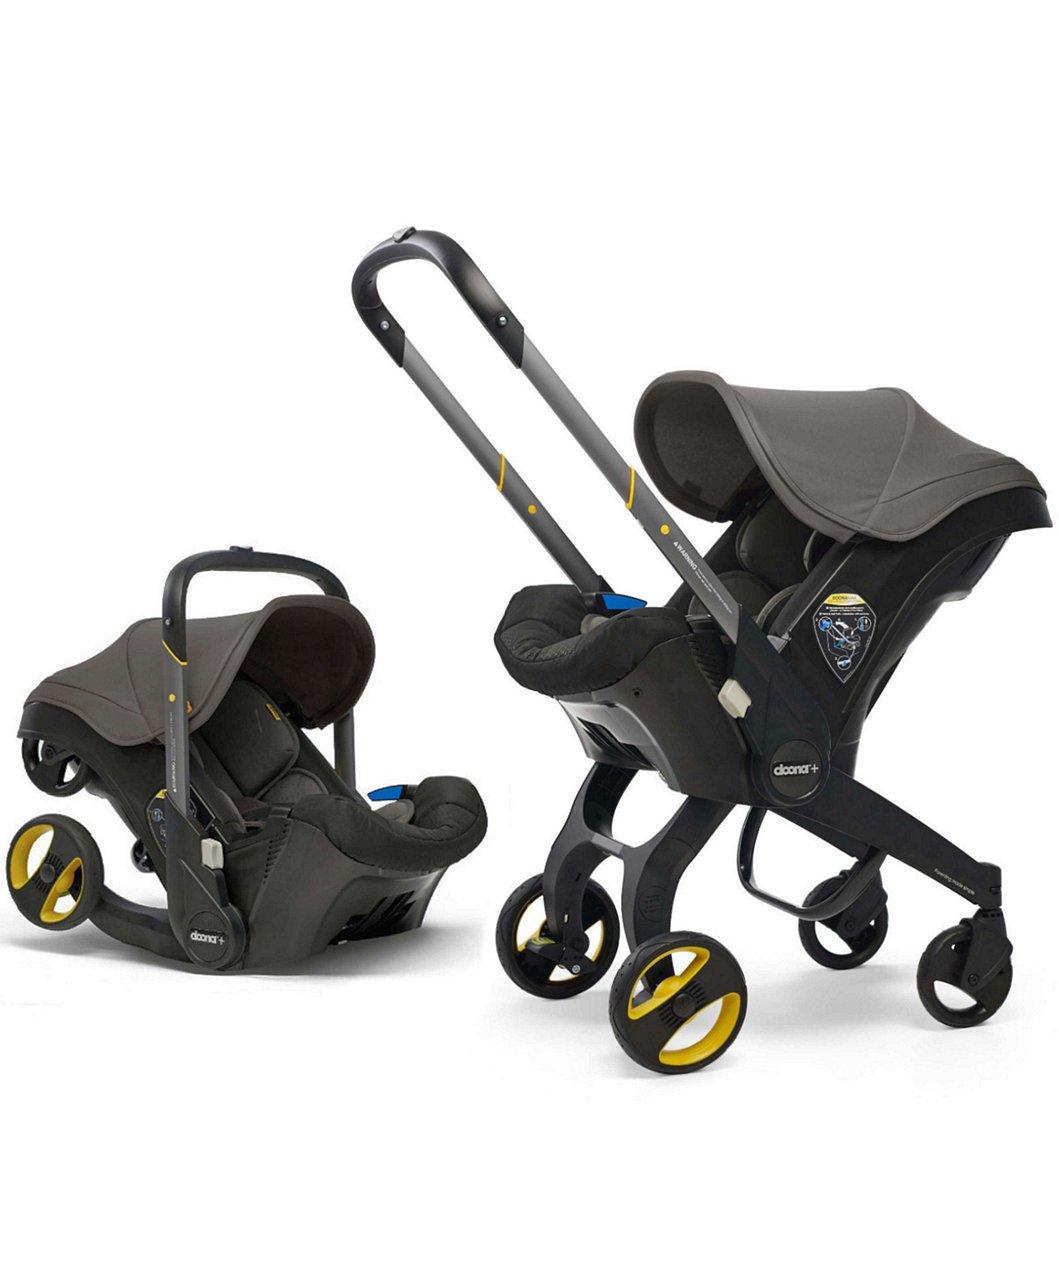 Doona Doona Car Seat Stroller (in store exclusive)